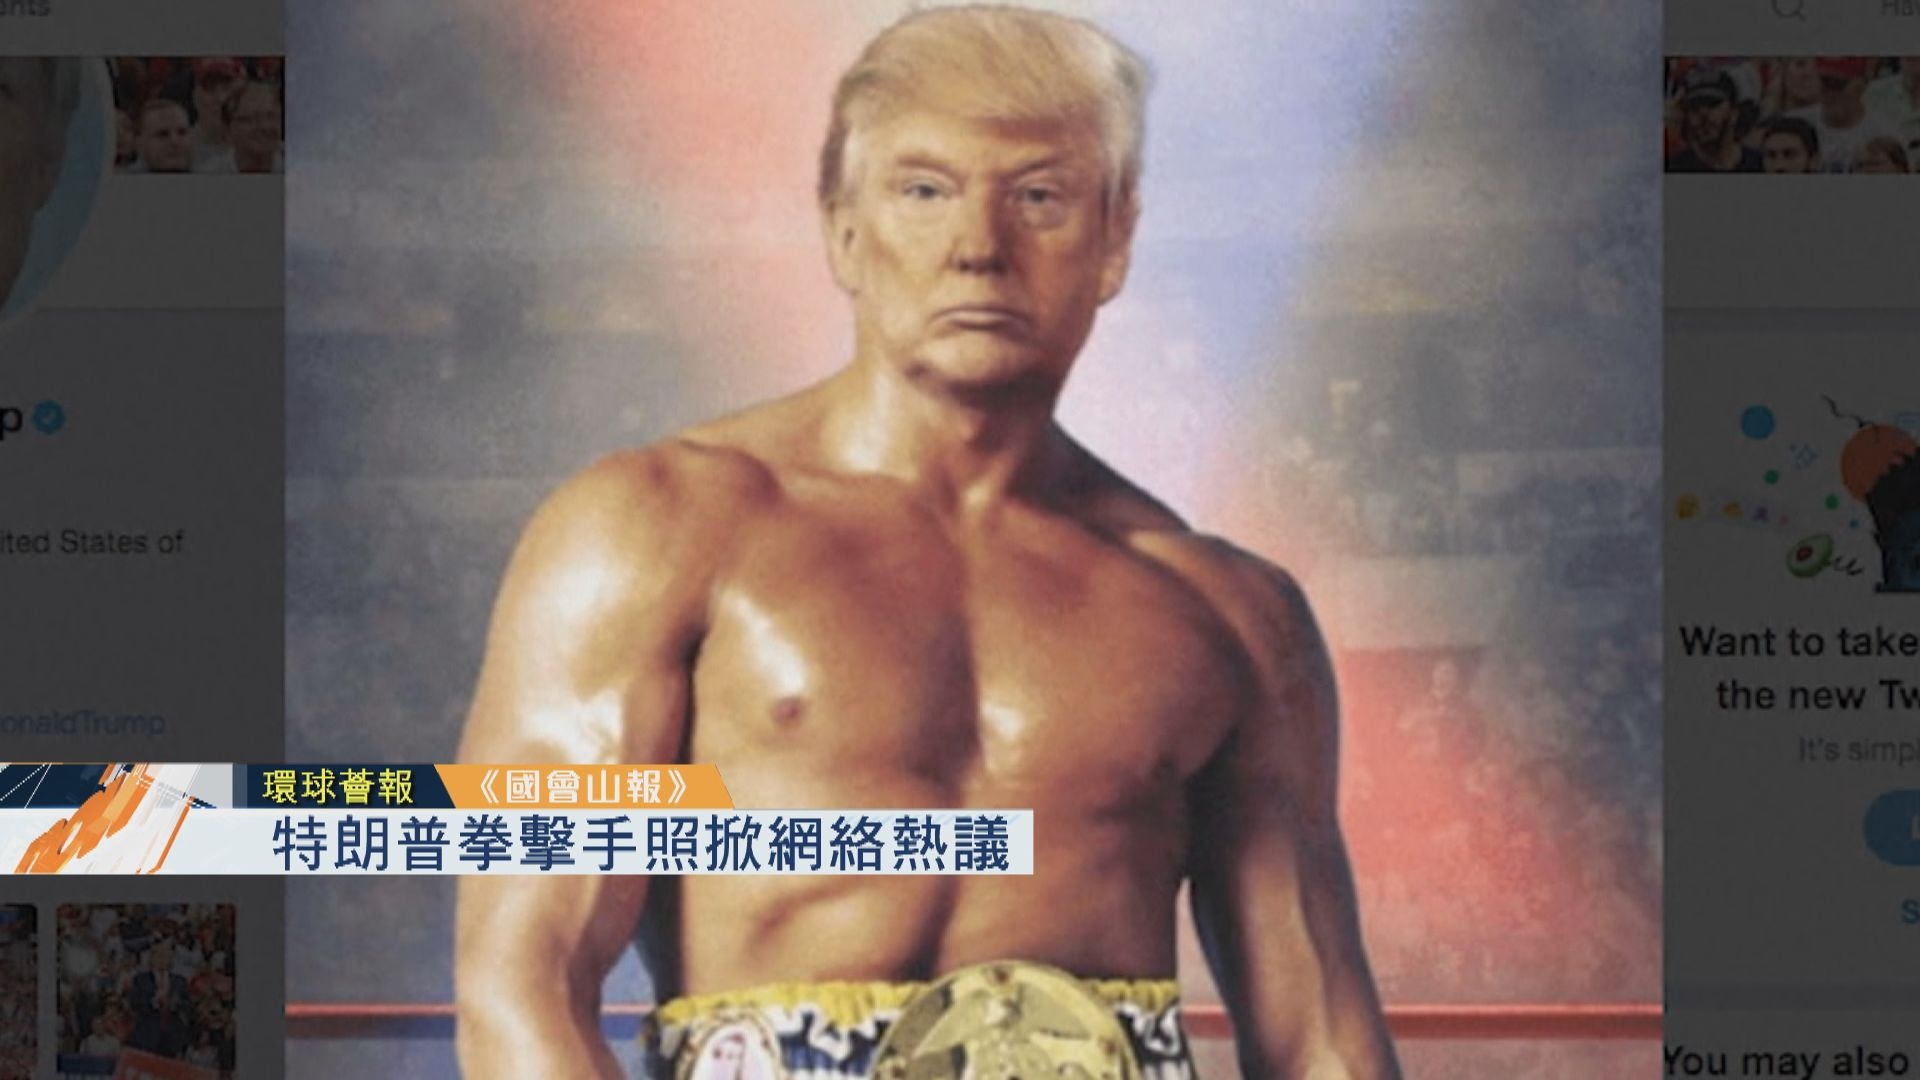 【環球薈報】特朗普拳擊手照掀網絡熱議